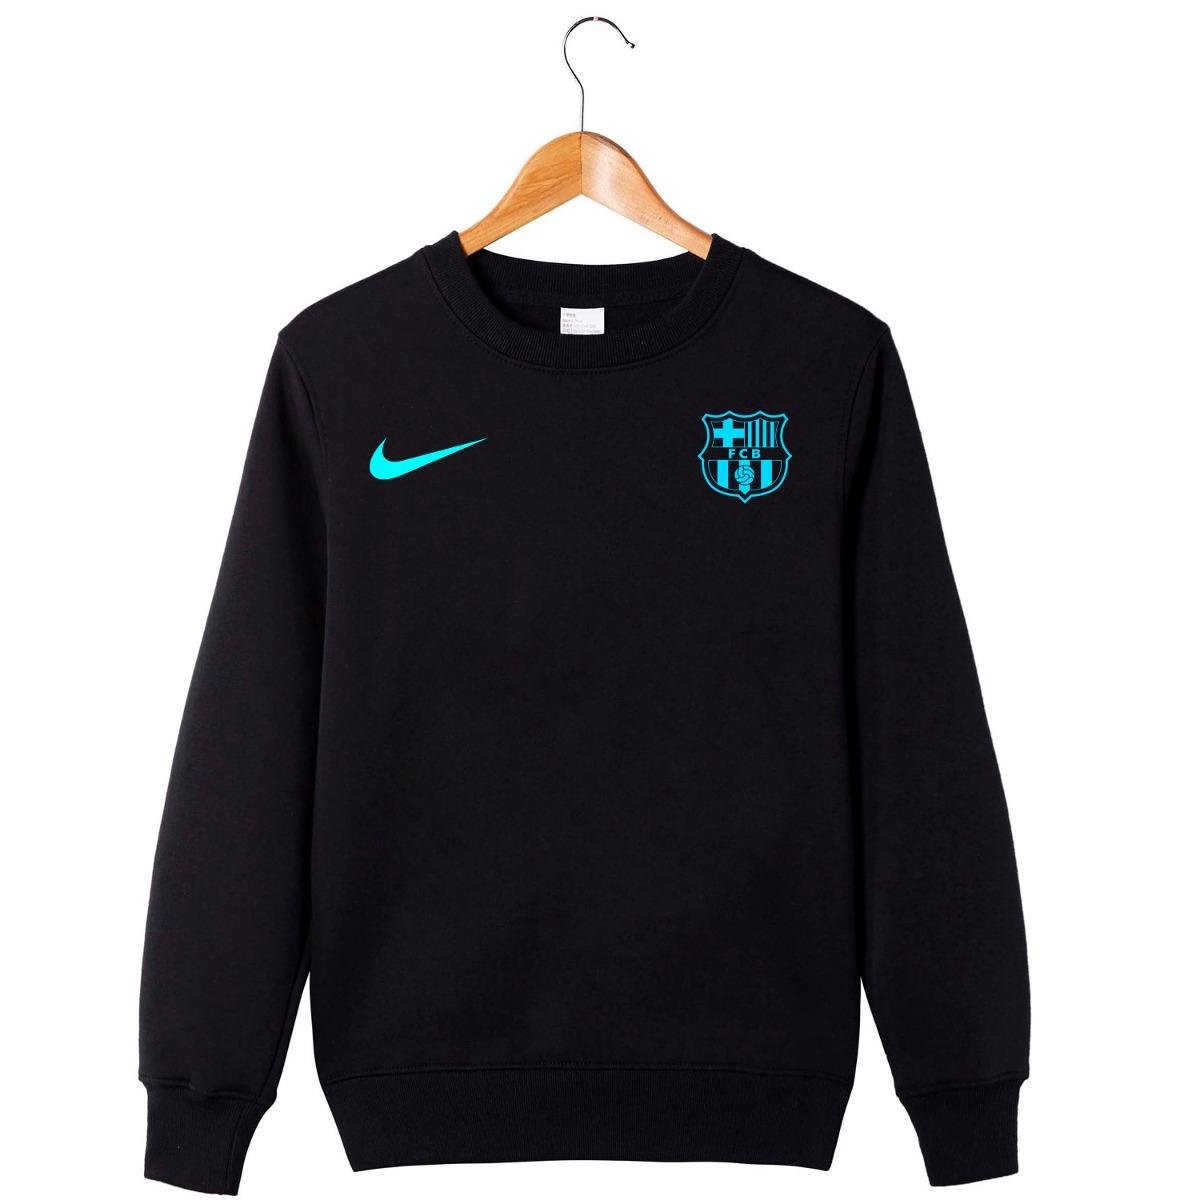 Blusa barcelona moletom futebol casaco de frio carregando zoom jpg  1200x1200 Blusas de frio do barcelona d7754f3943ba7